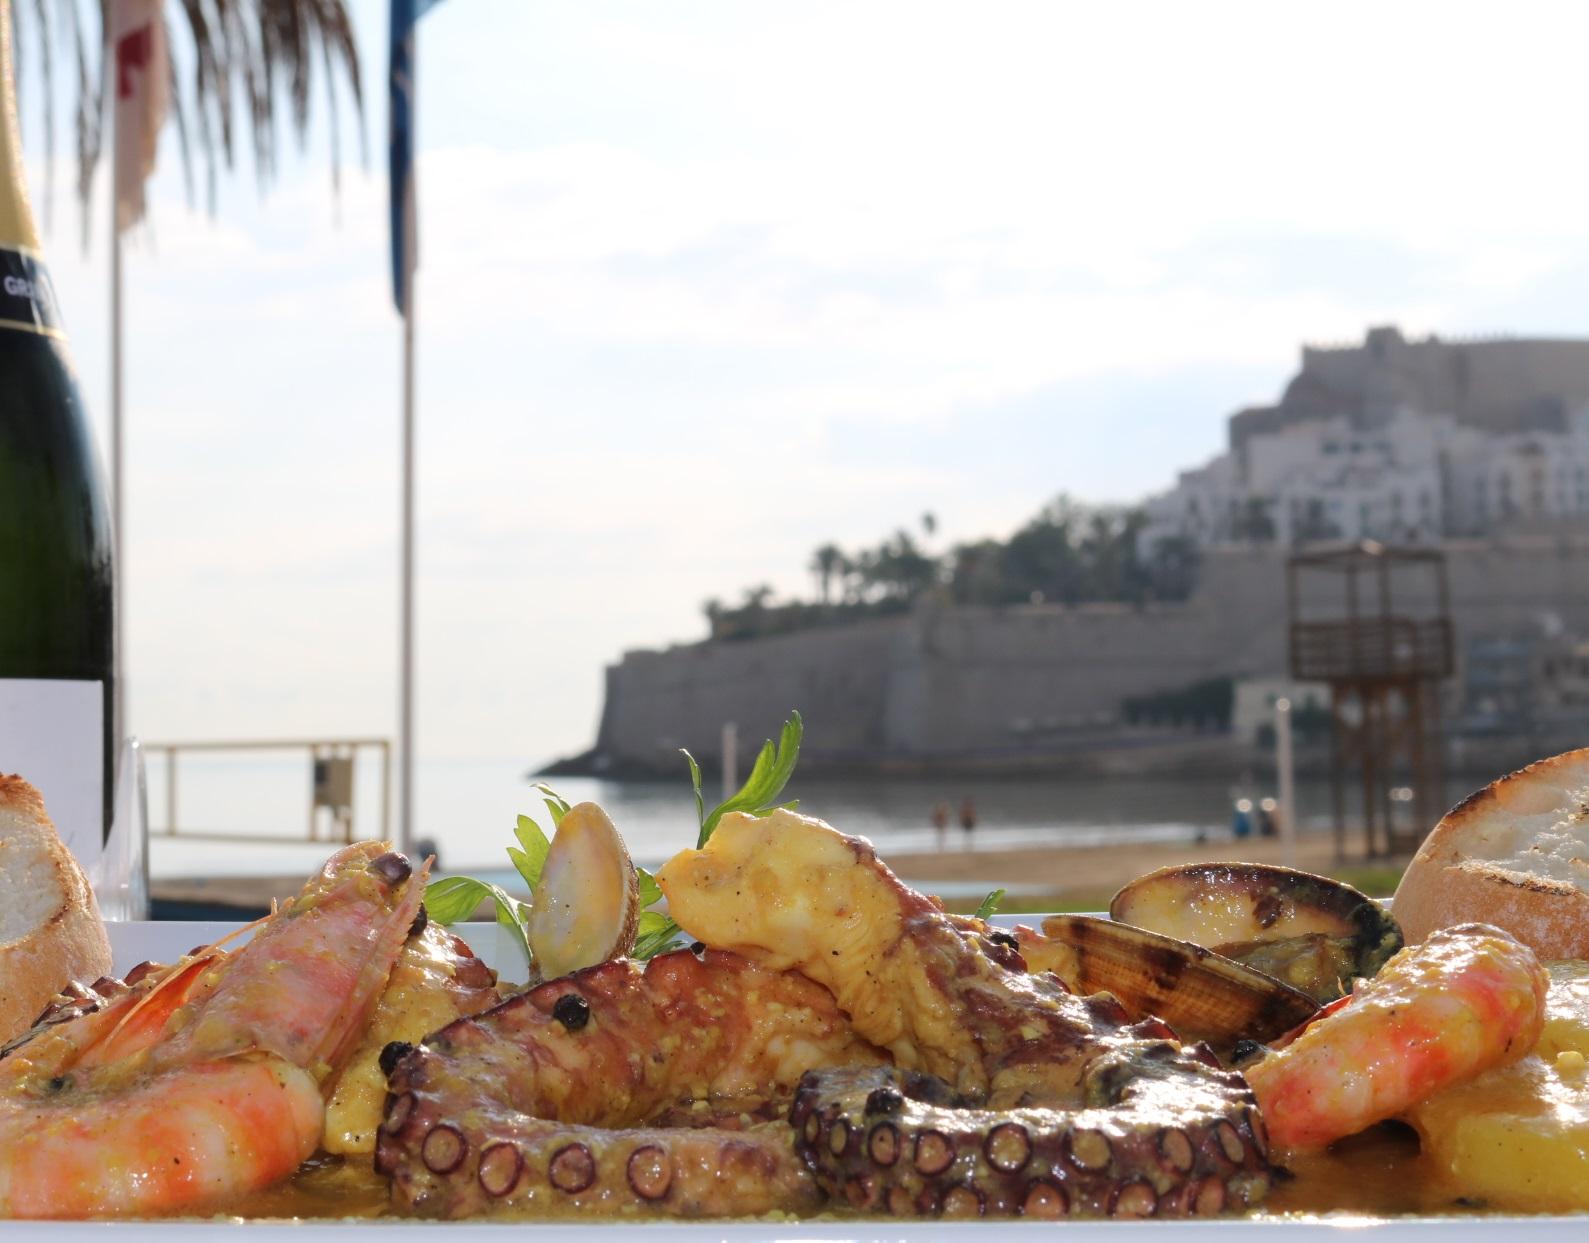 Peníscola, 1 de cada 3 turistes viatja a la ciutat motivitat per la bona cuina local